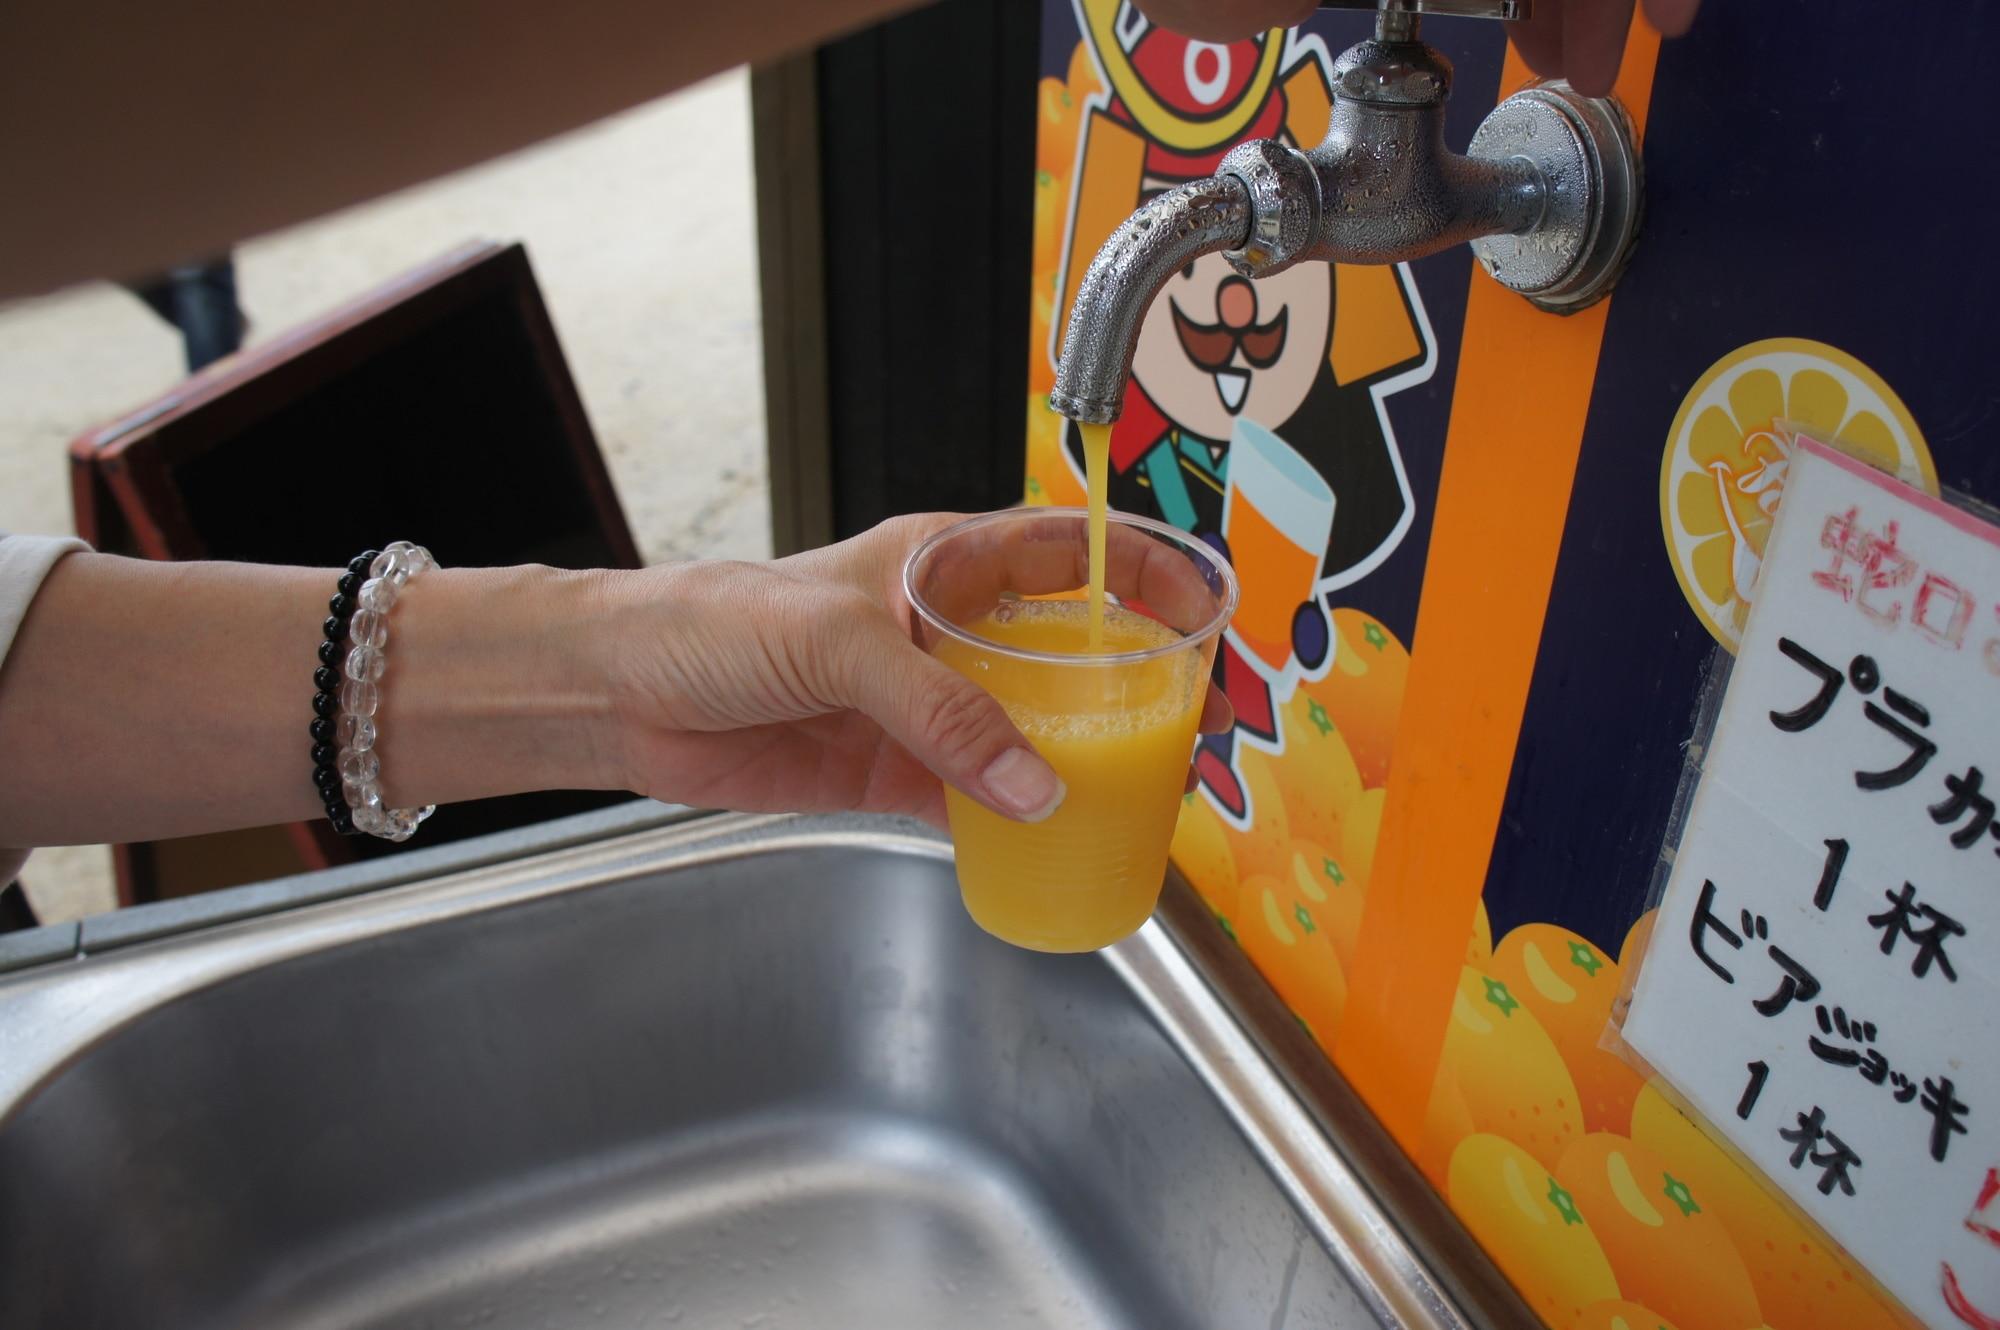 蛇口からみかんジュース体験